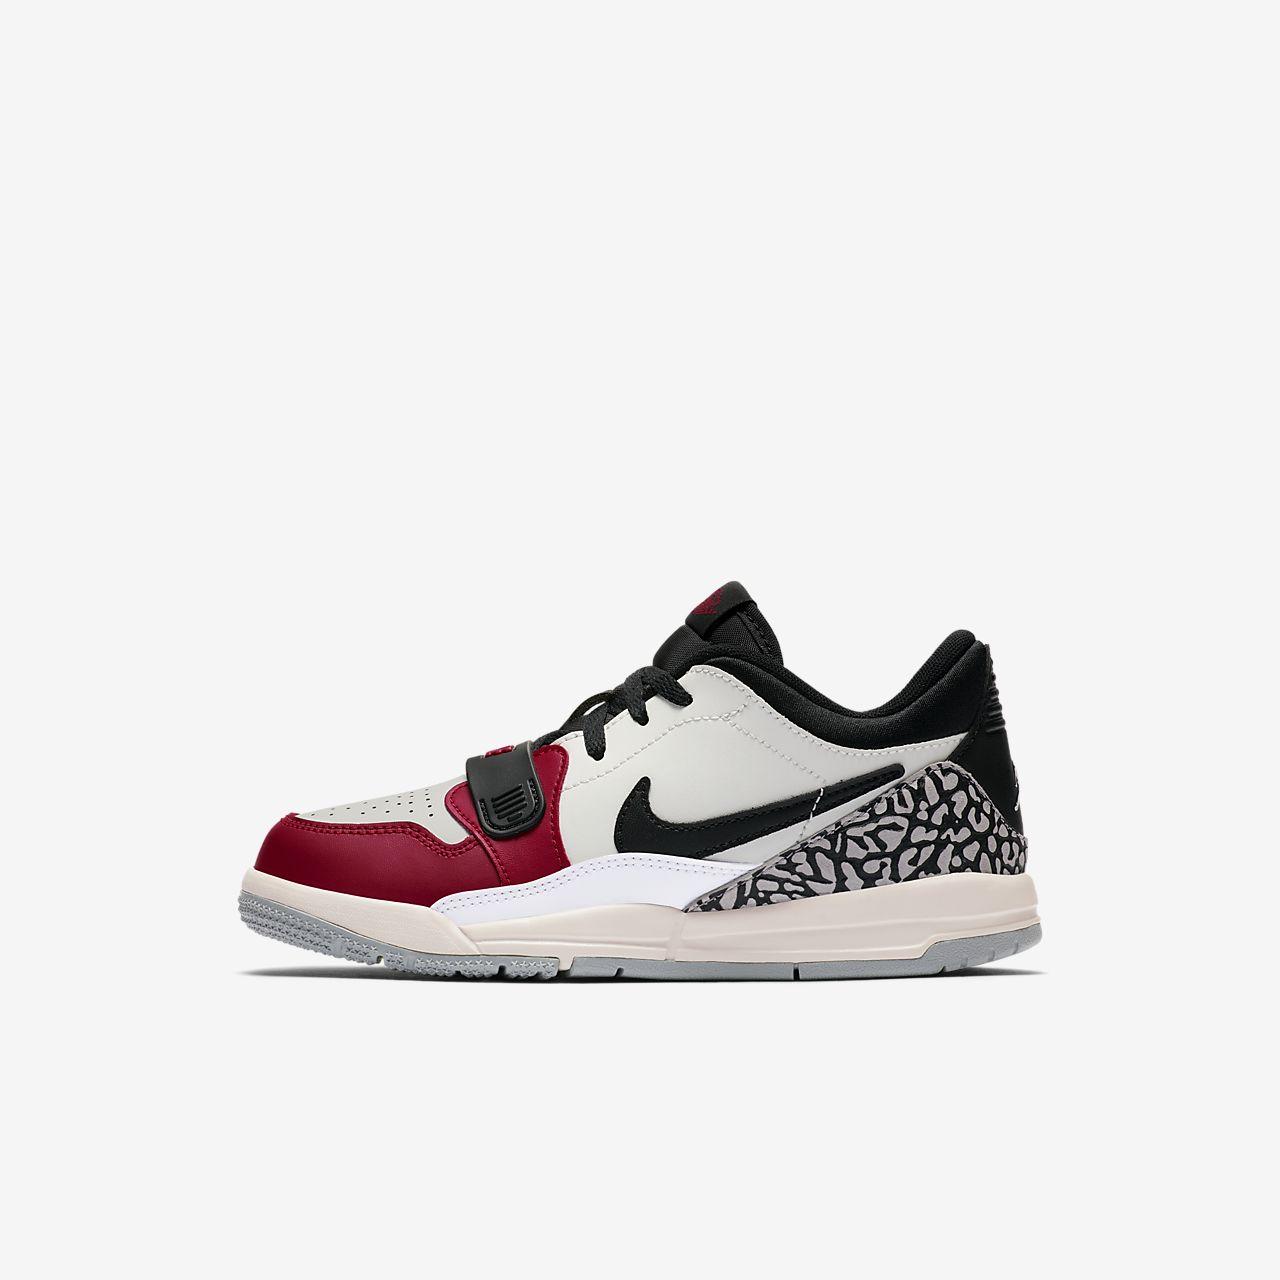 Air Jordan Legacy 312 Low sko til små barn